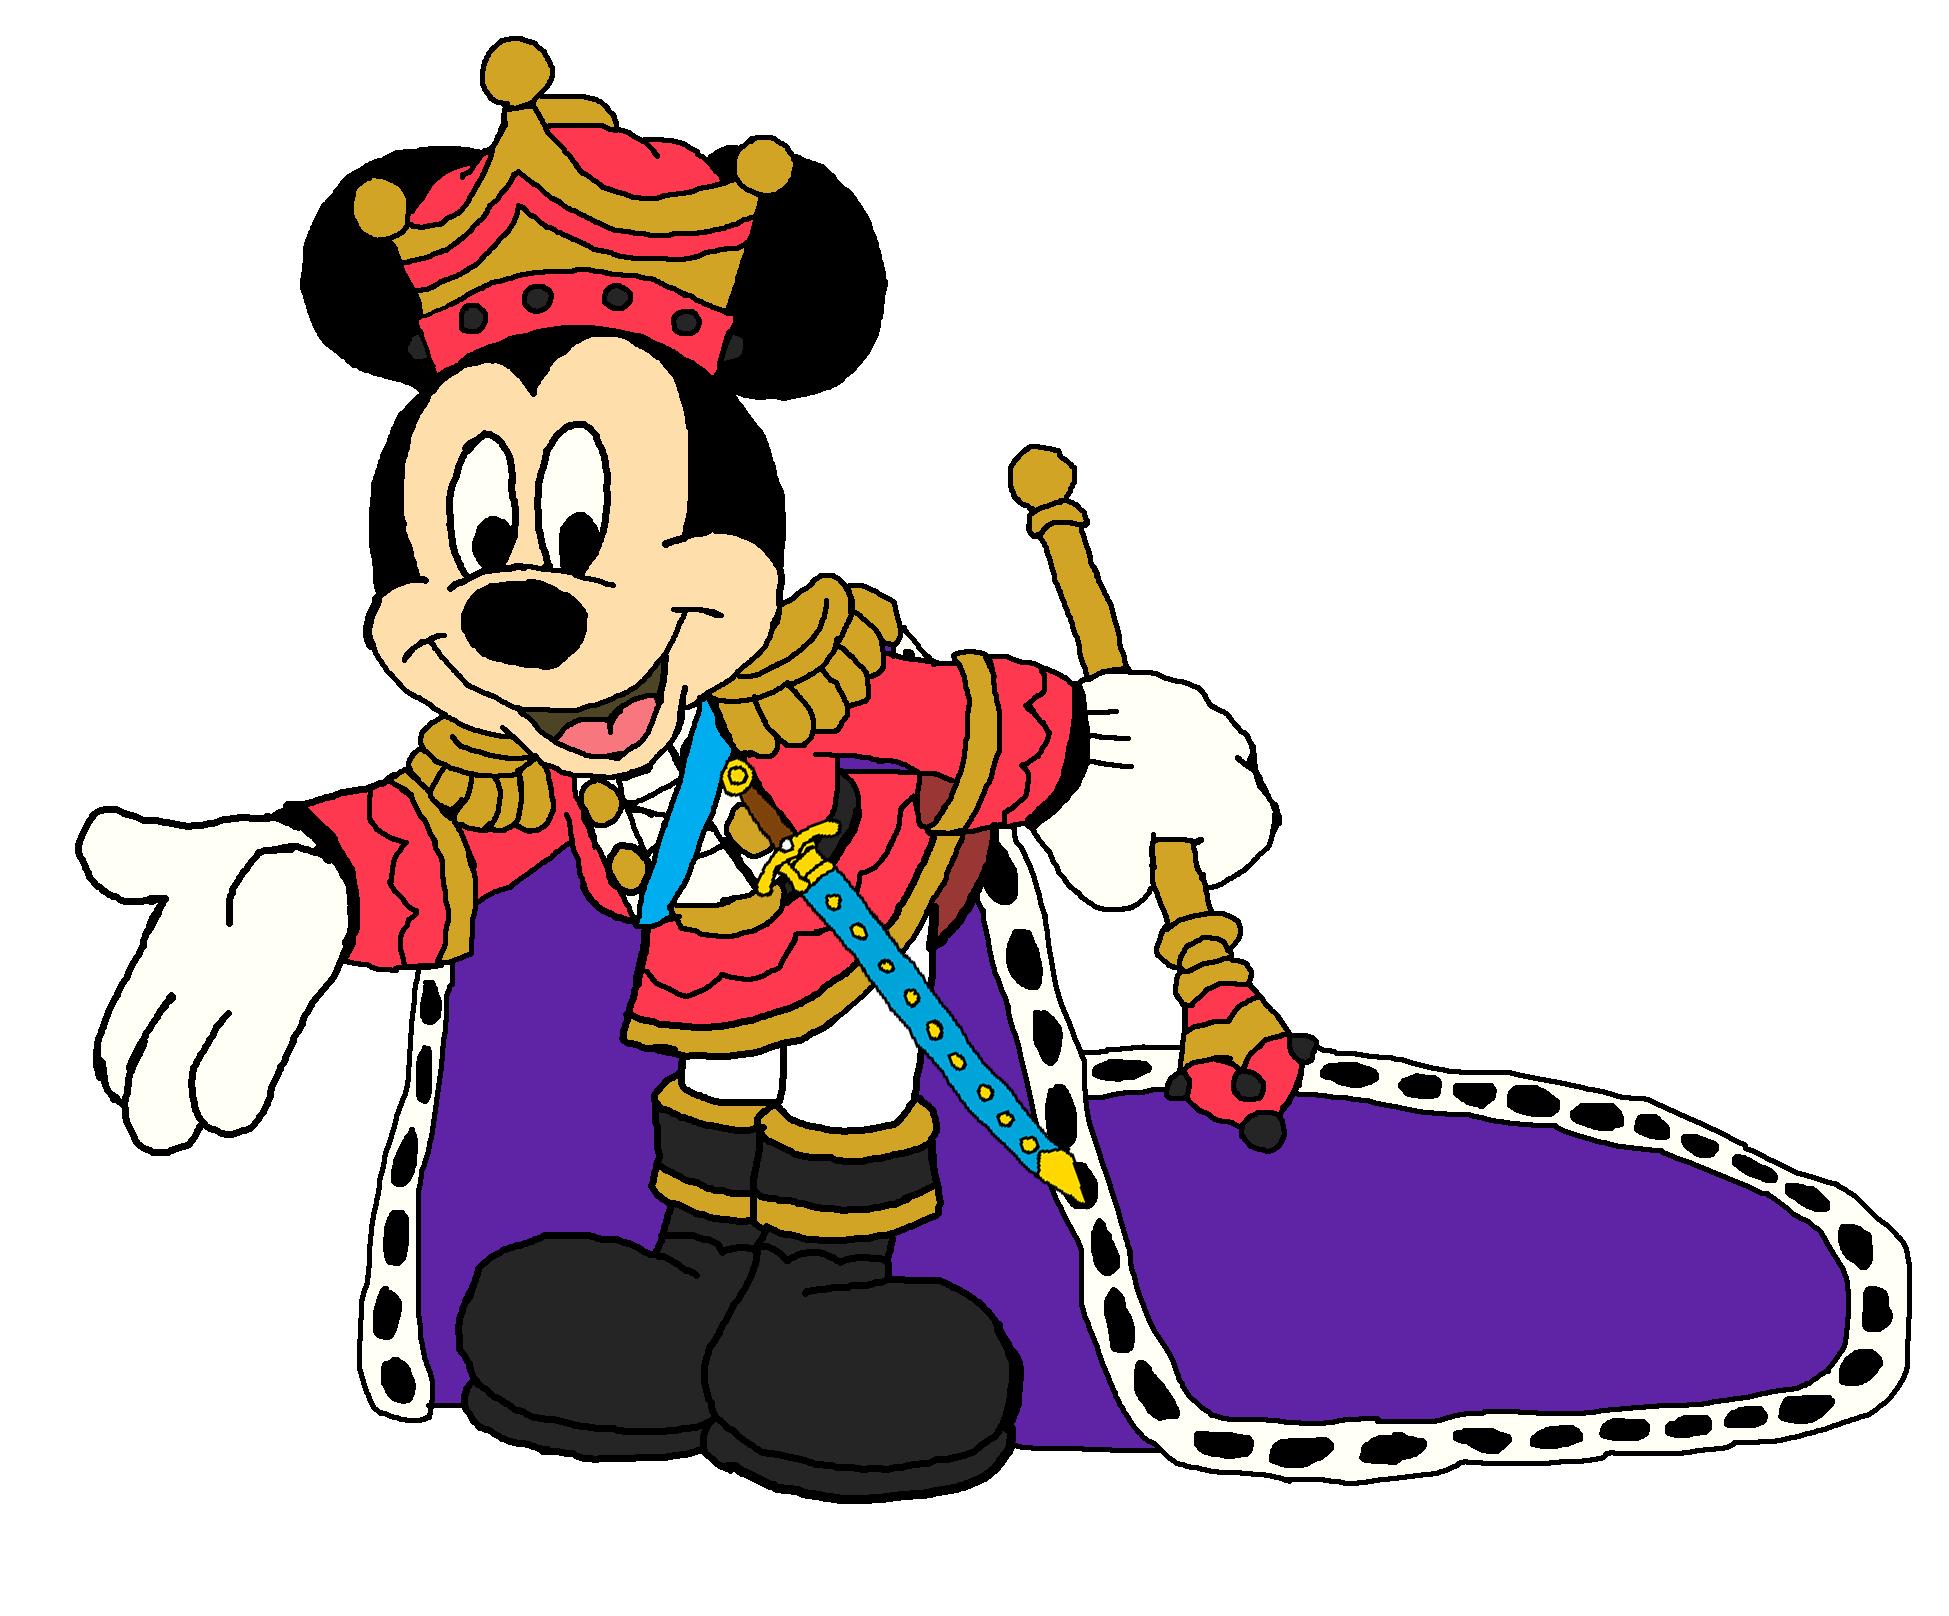 Mickey as the Nutcracker Prince